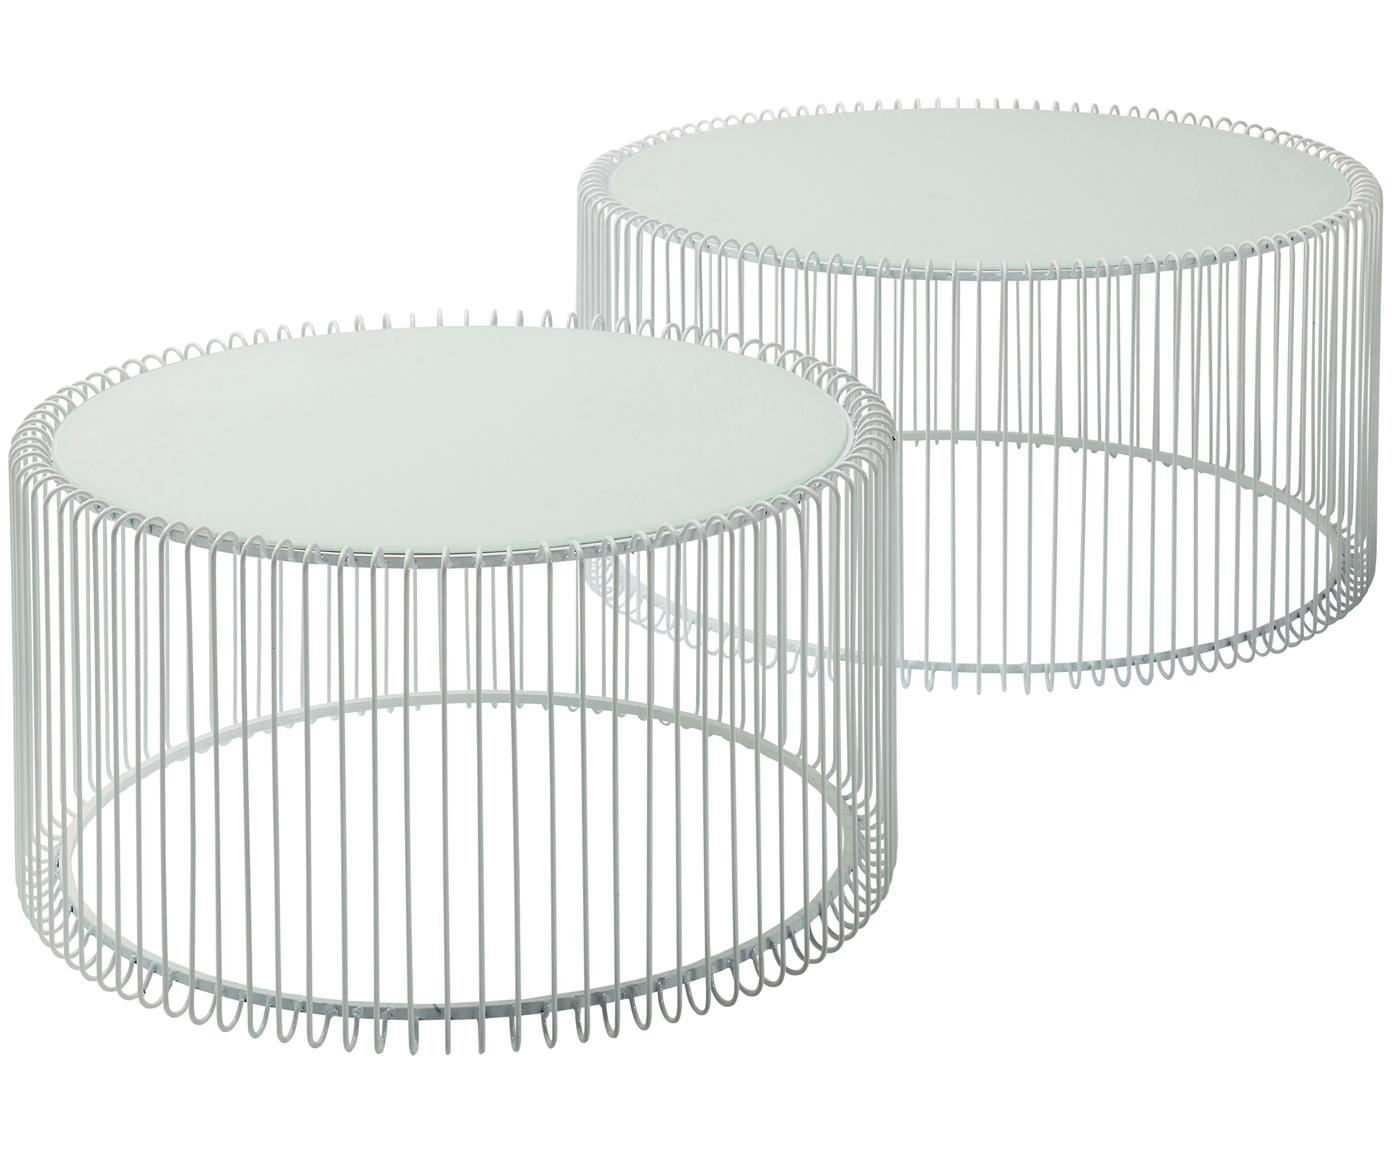 Komplet stolików kawowych z metalu ze szklanym blatem Wire, 2 elem., Stelaż: stal malowana proszkowo, Blat: szkło hartowane, Biały, Różne rozmiary